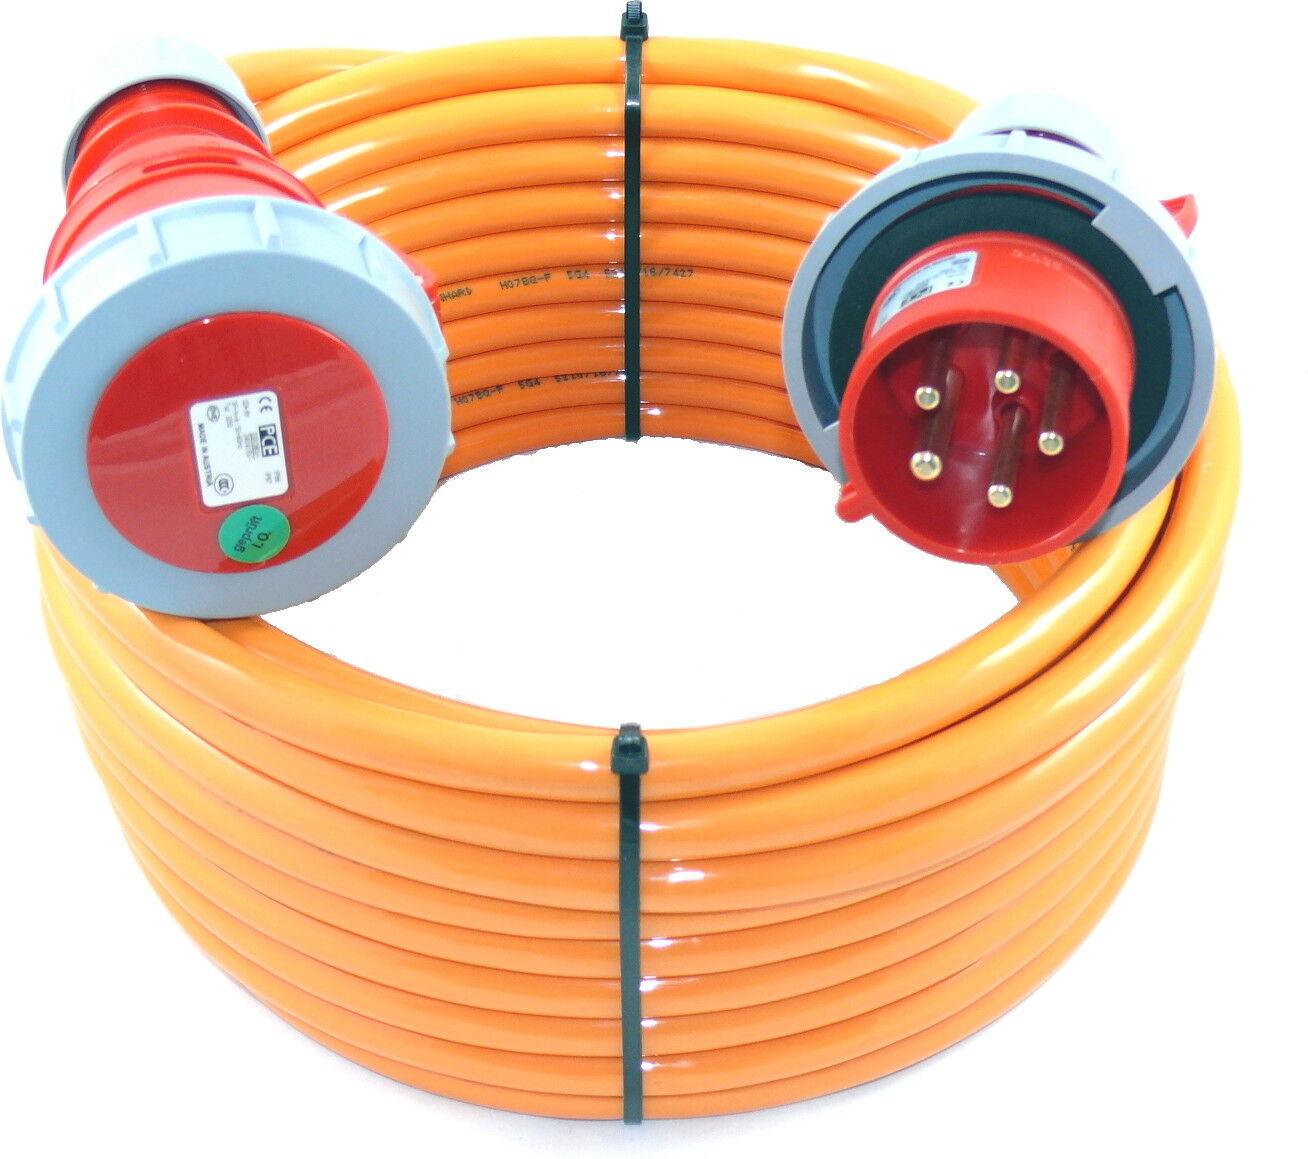 m CEE Verlängerungskabel mit PW wasserdicht H07BQ 5G4 5x4 32A IP67 45m